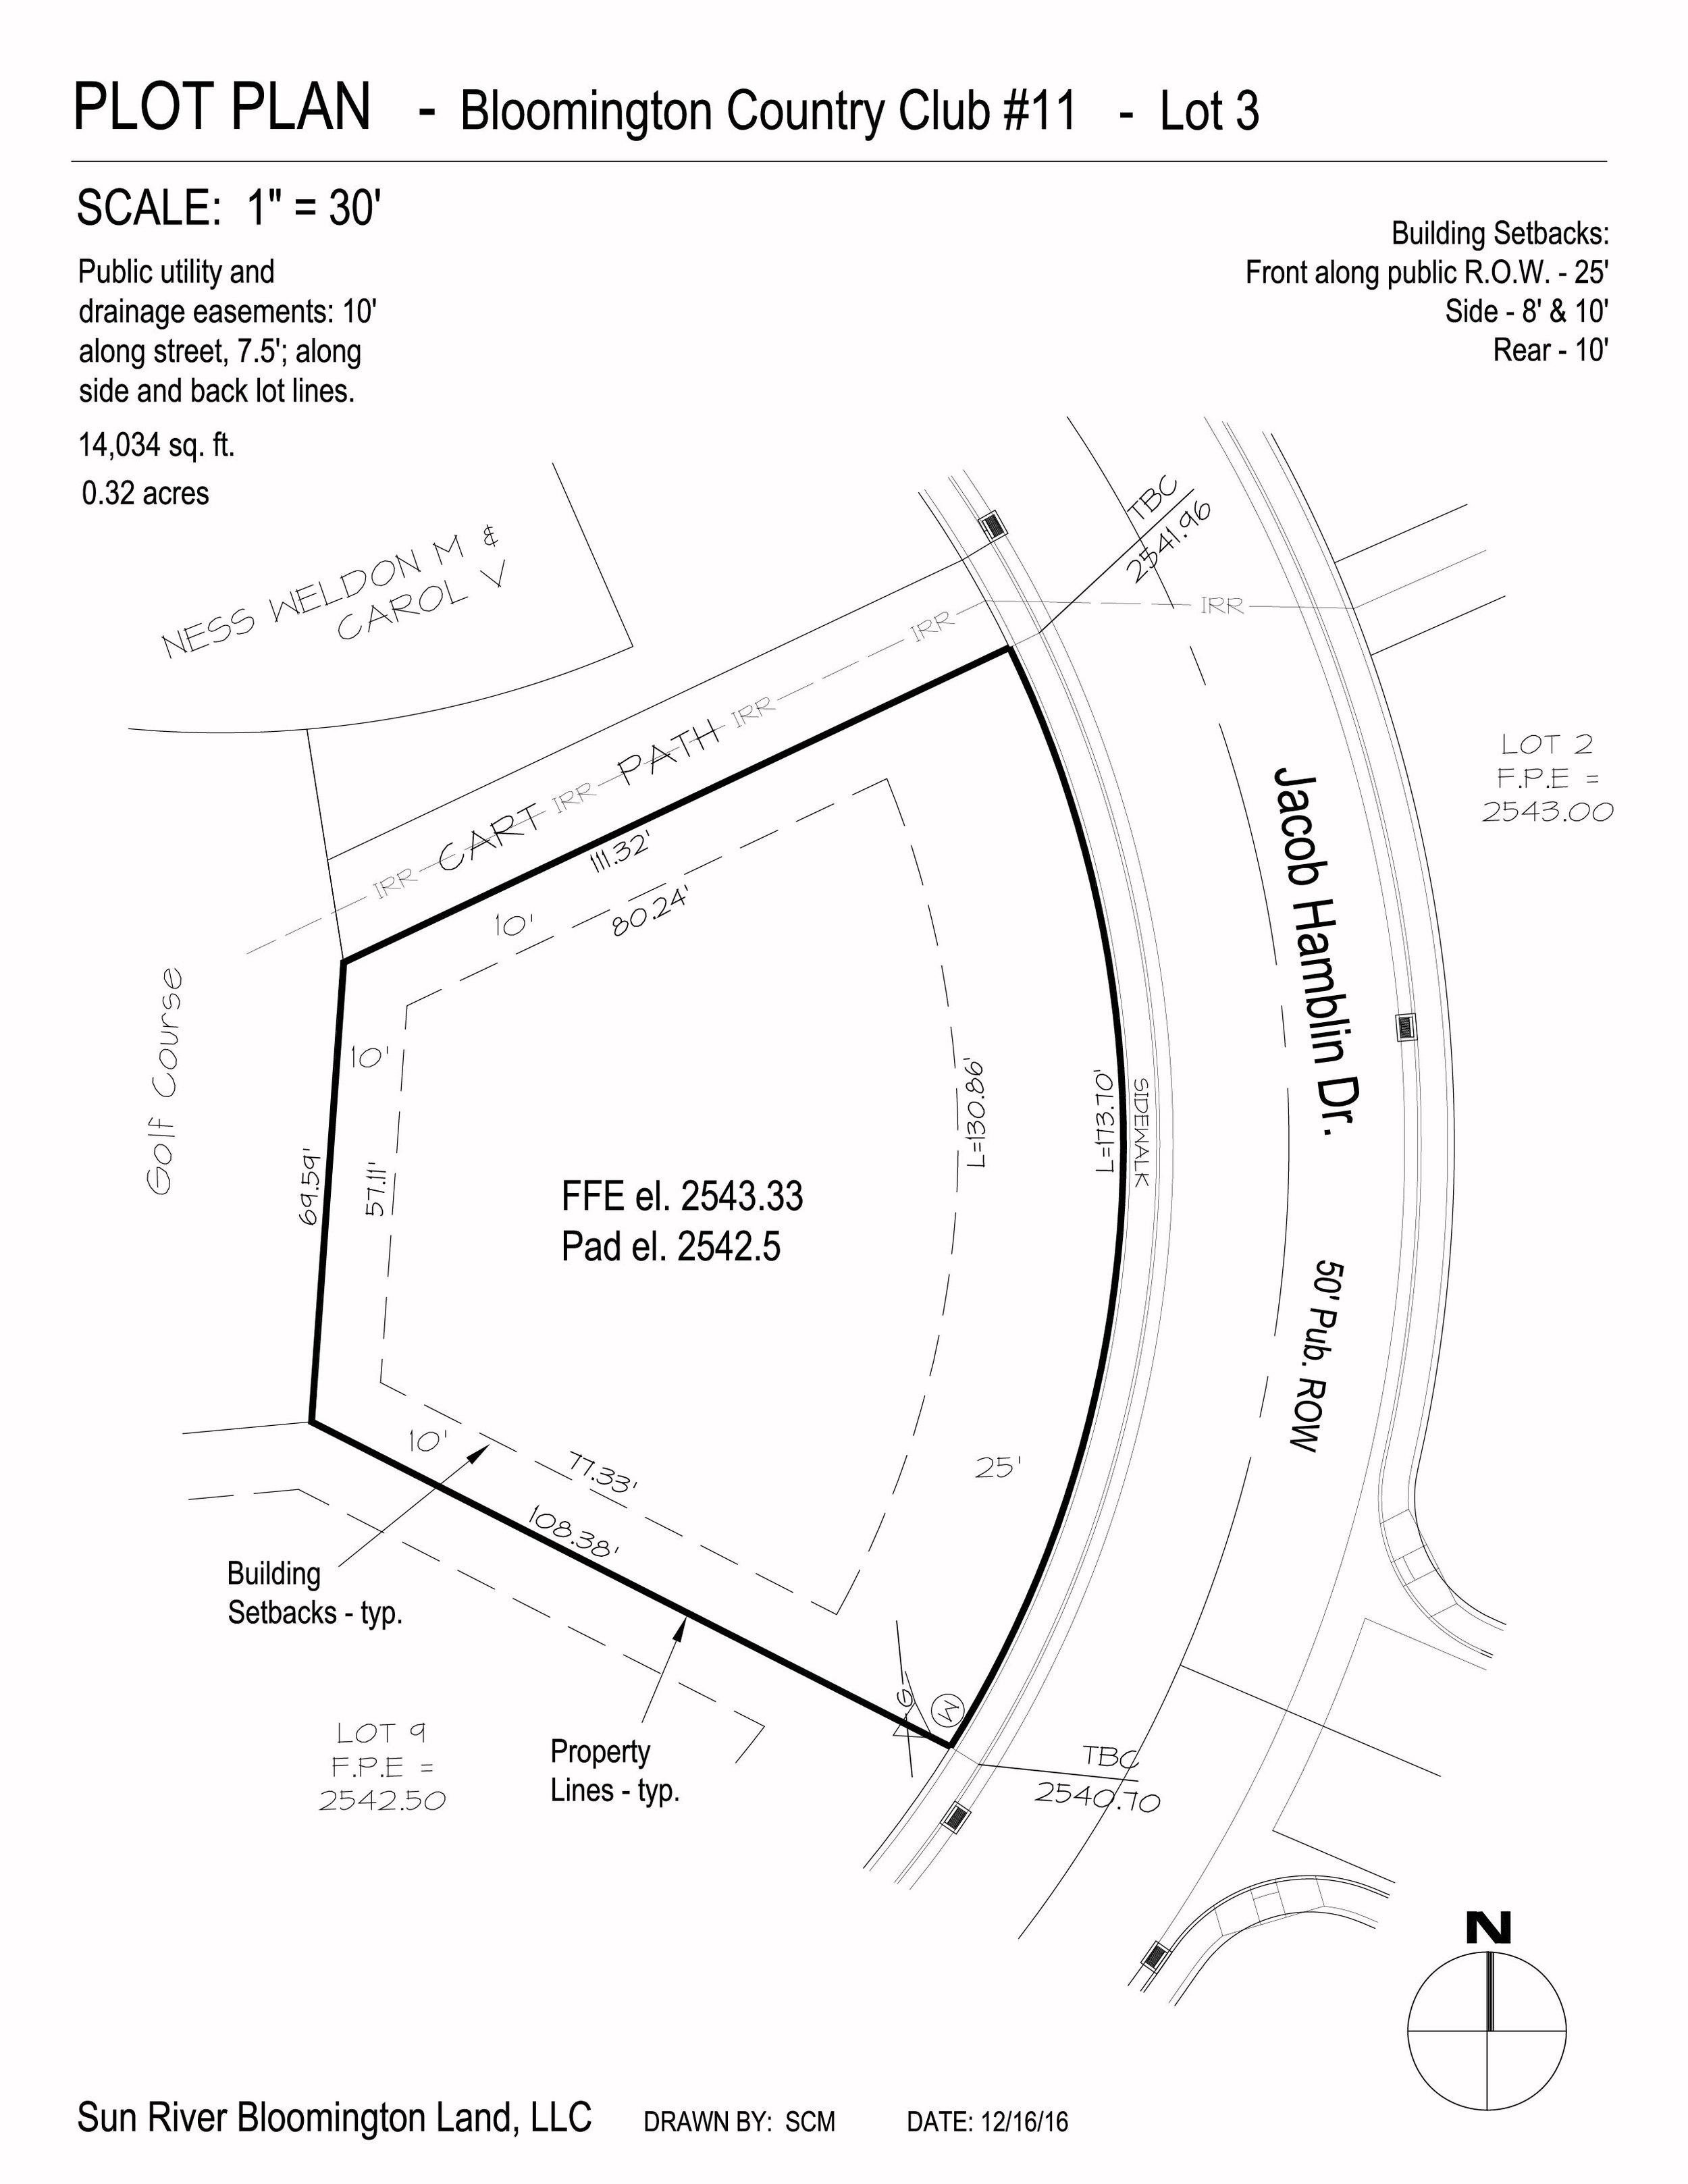 hamblin plot plans-03.jpg